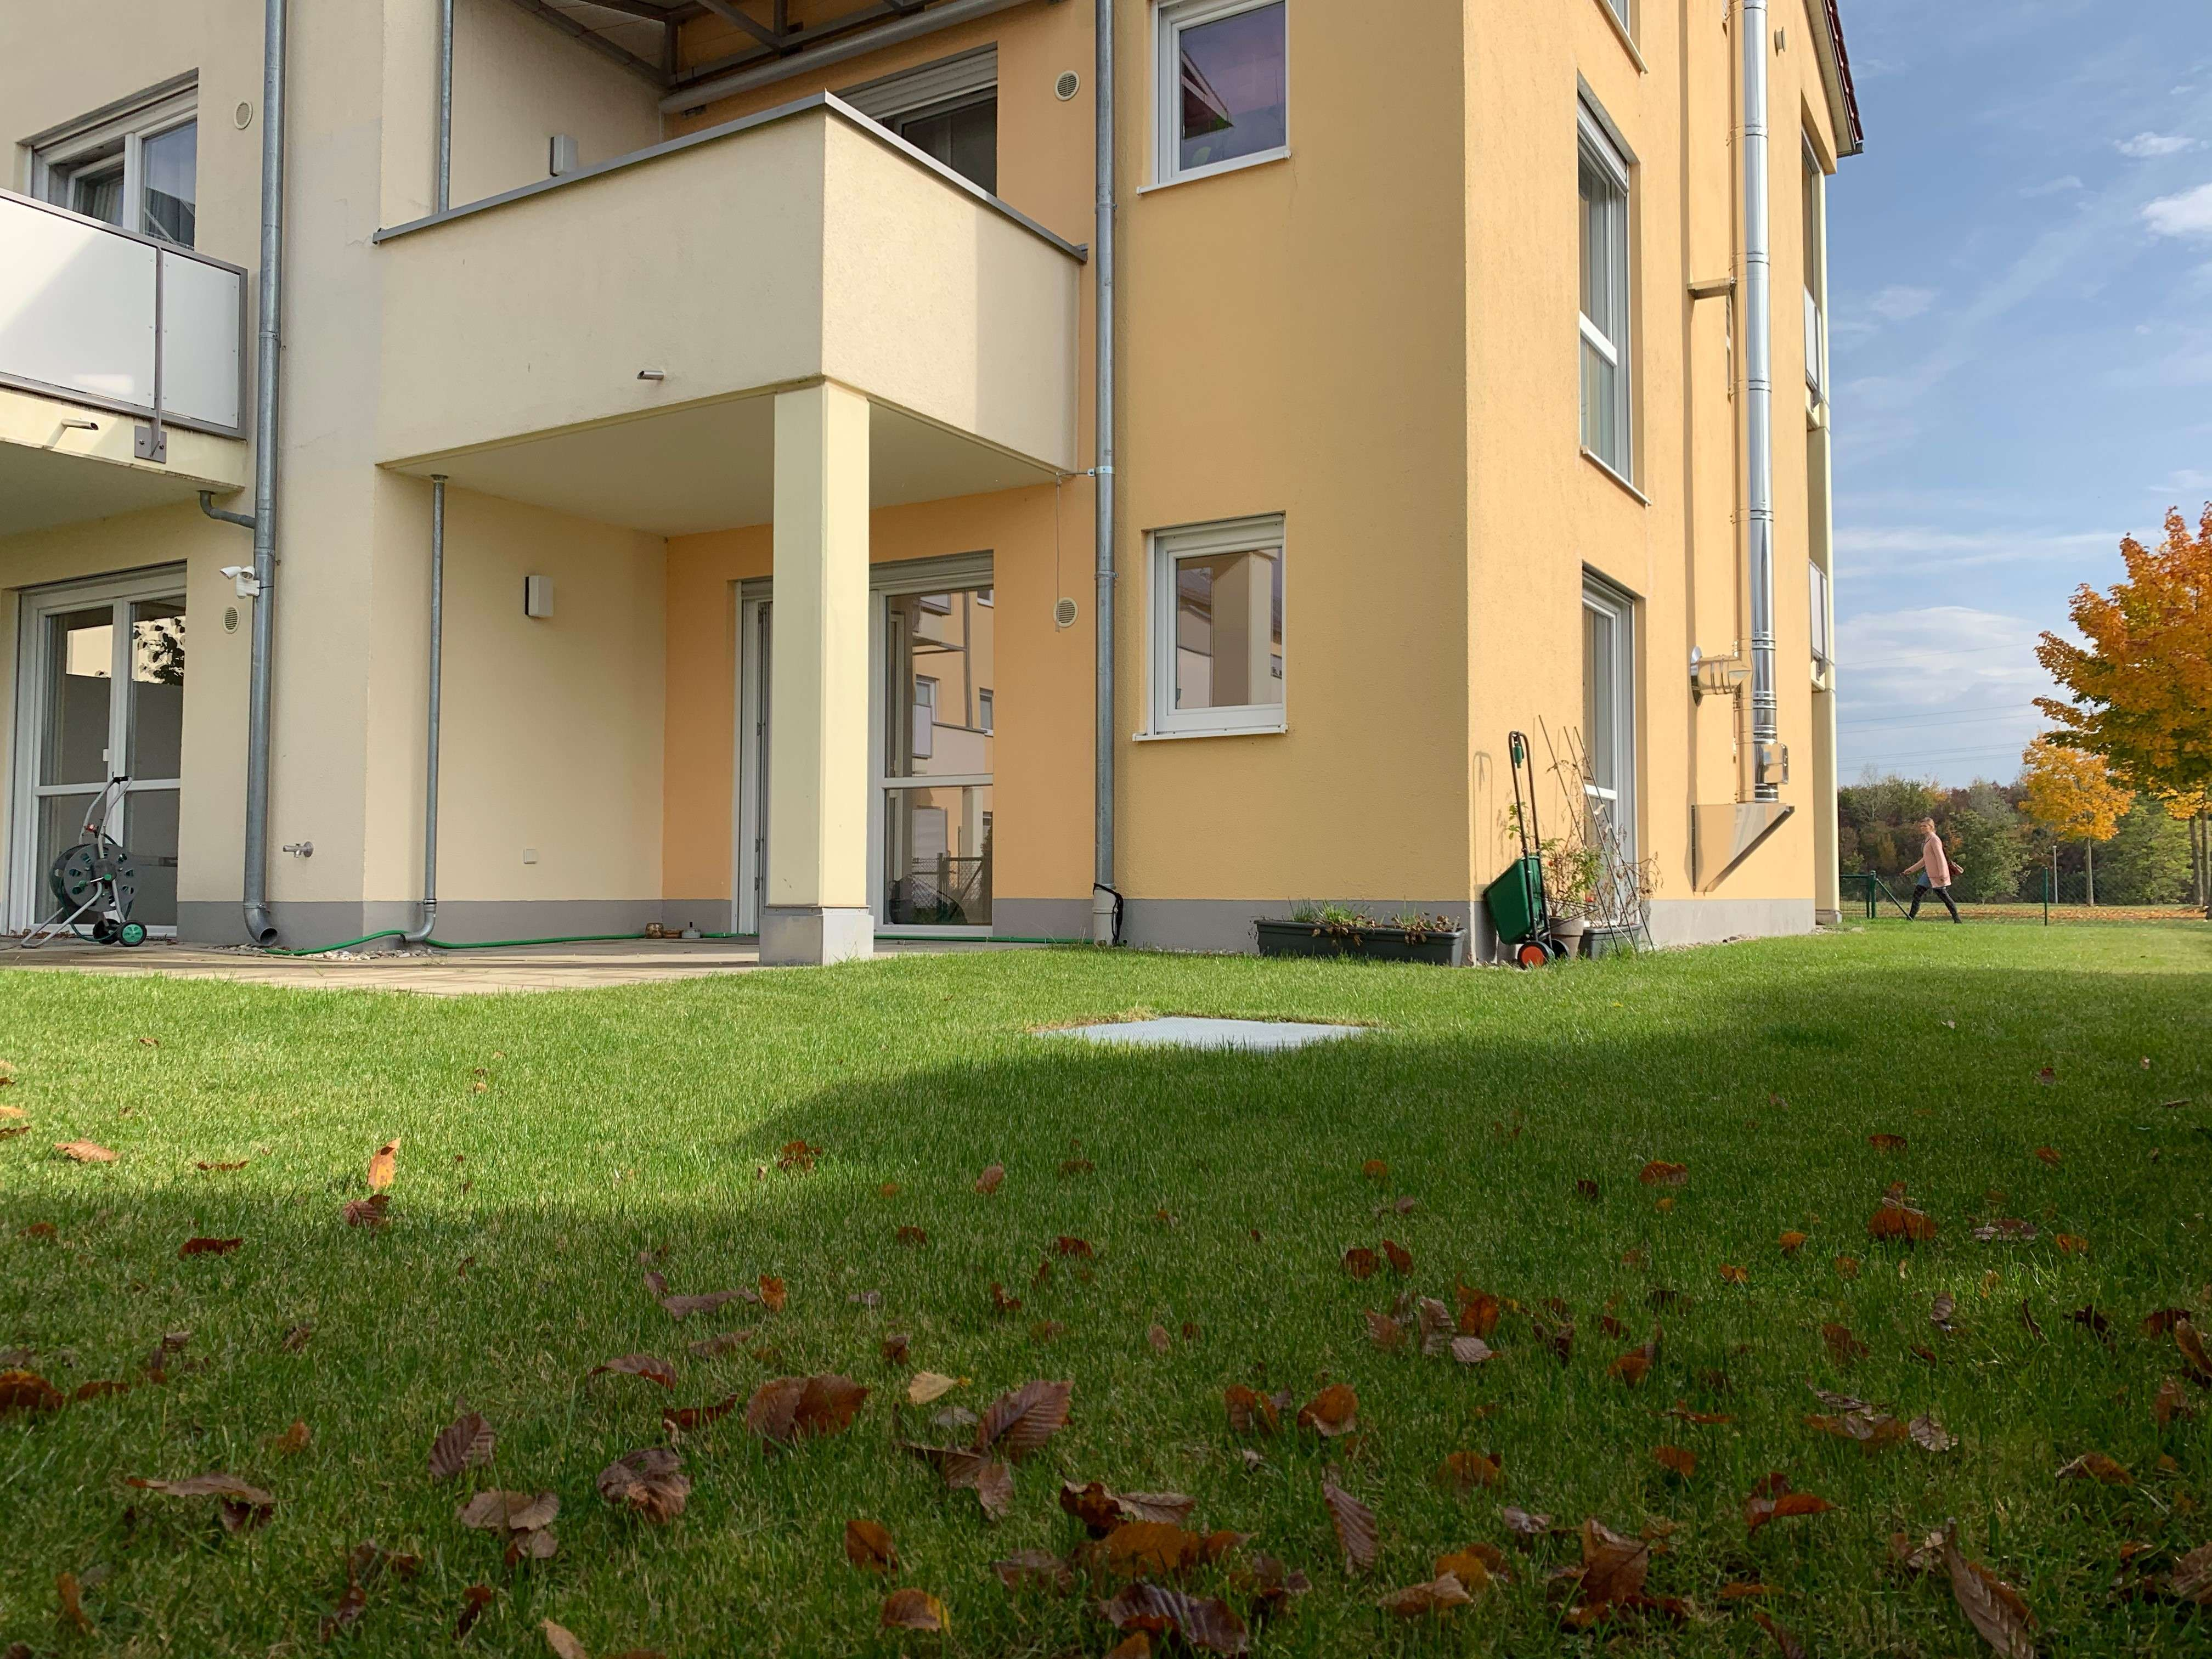 Stilvolle, geräumige 3-Zimmer-EG-Wohnung mit Garten in Bestlage Göggingen in Göggingen